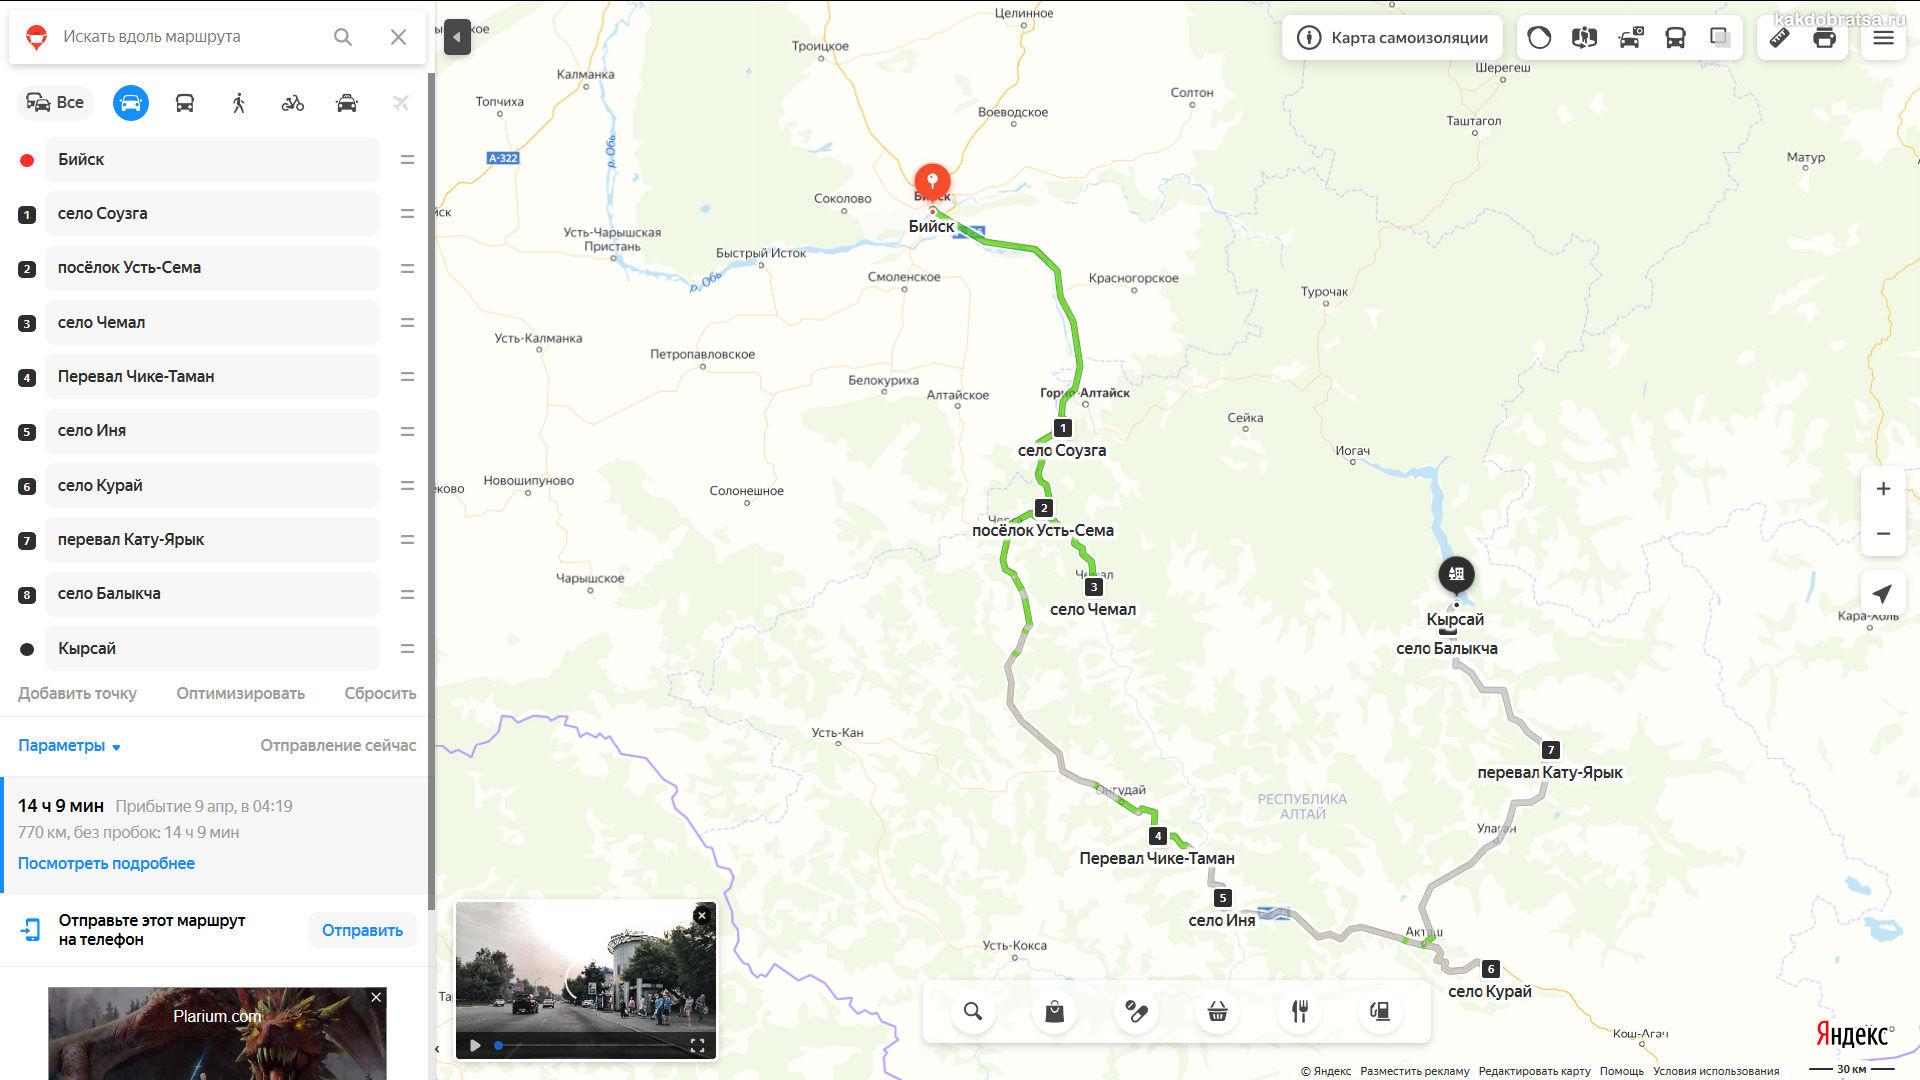 Маршрут автопутешествия по Алтаю